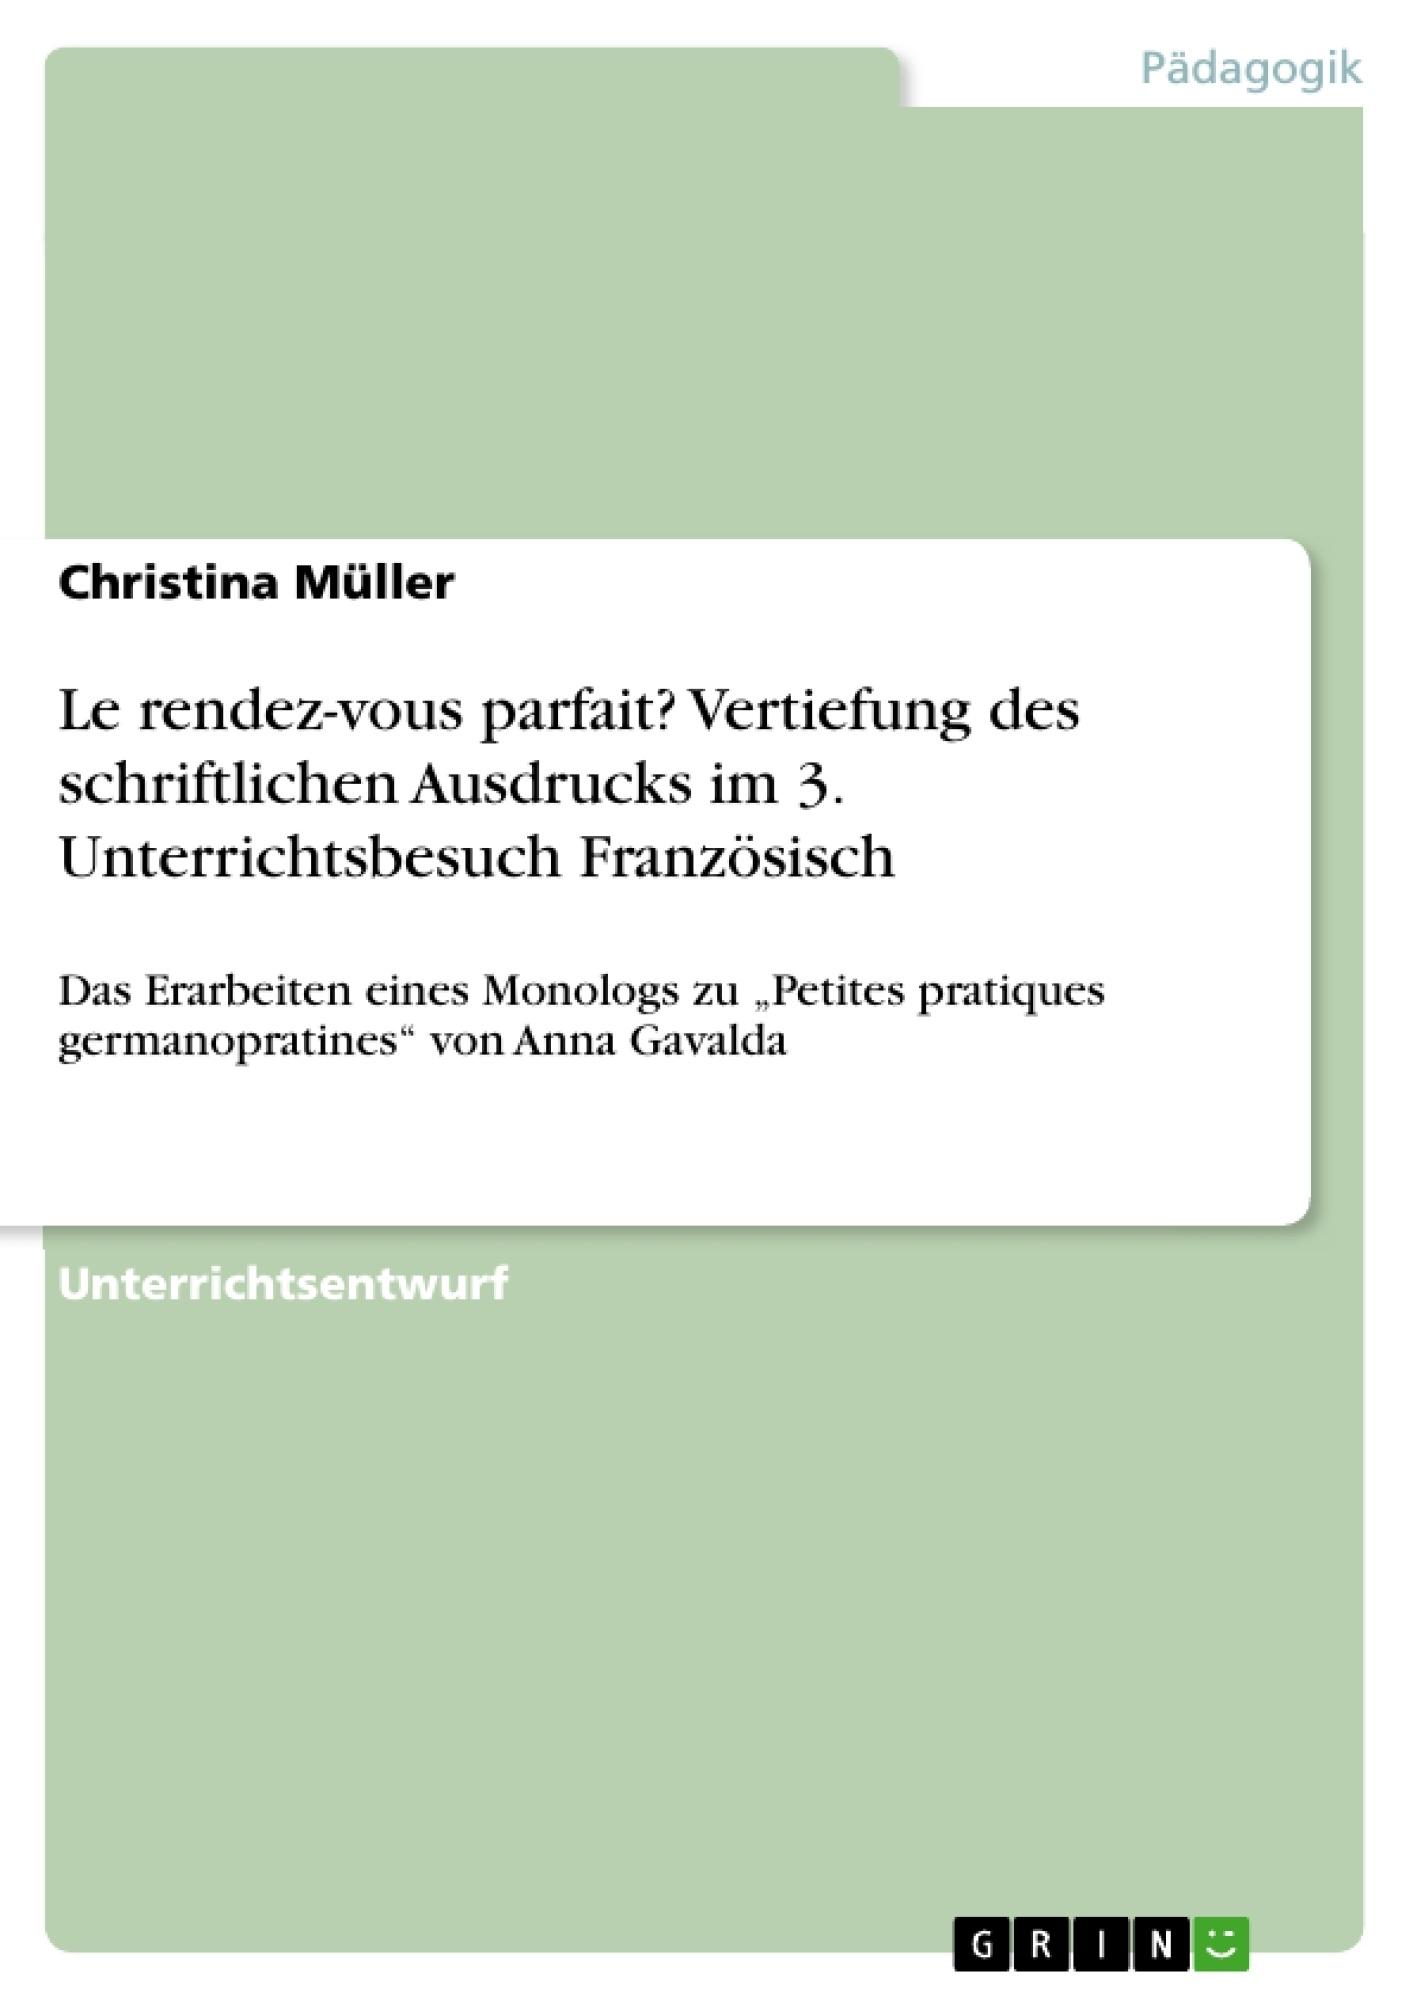 Titel: Le rendez-vous parfait? Vertiefung des schriftlichen Ausdrucks im 3. Unterrichtsbesuch Französisch